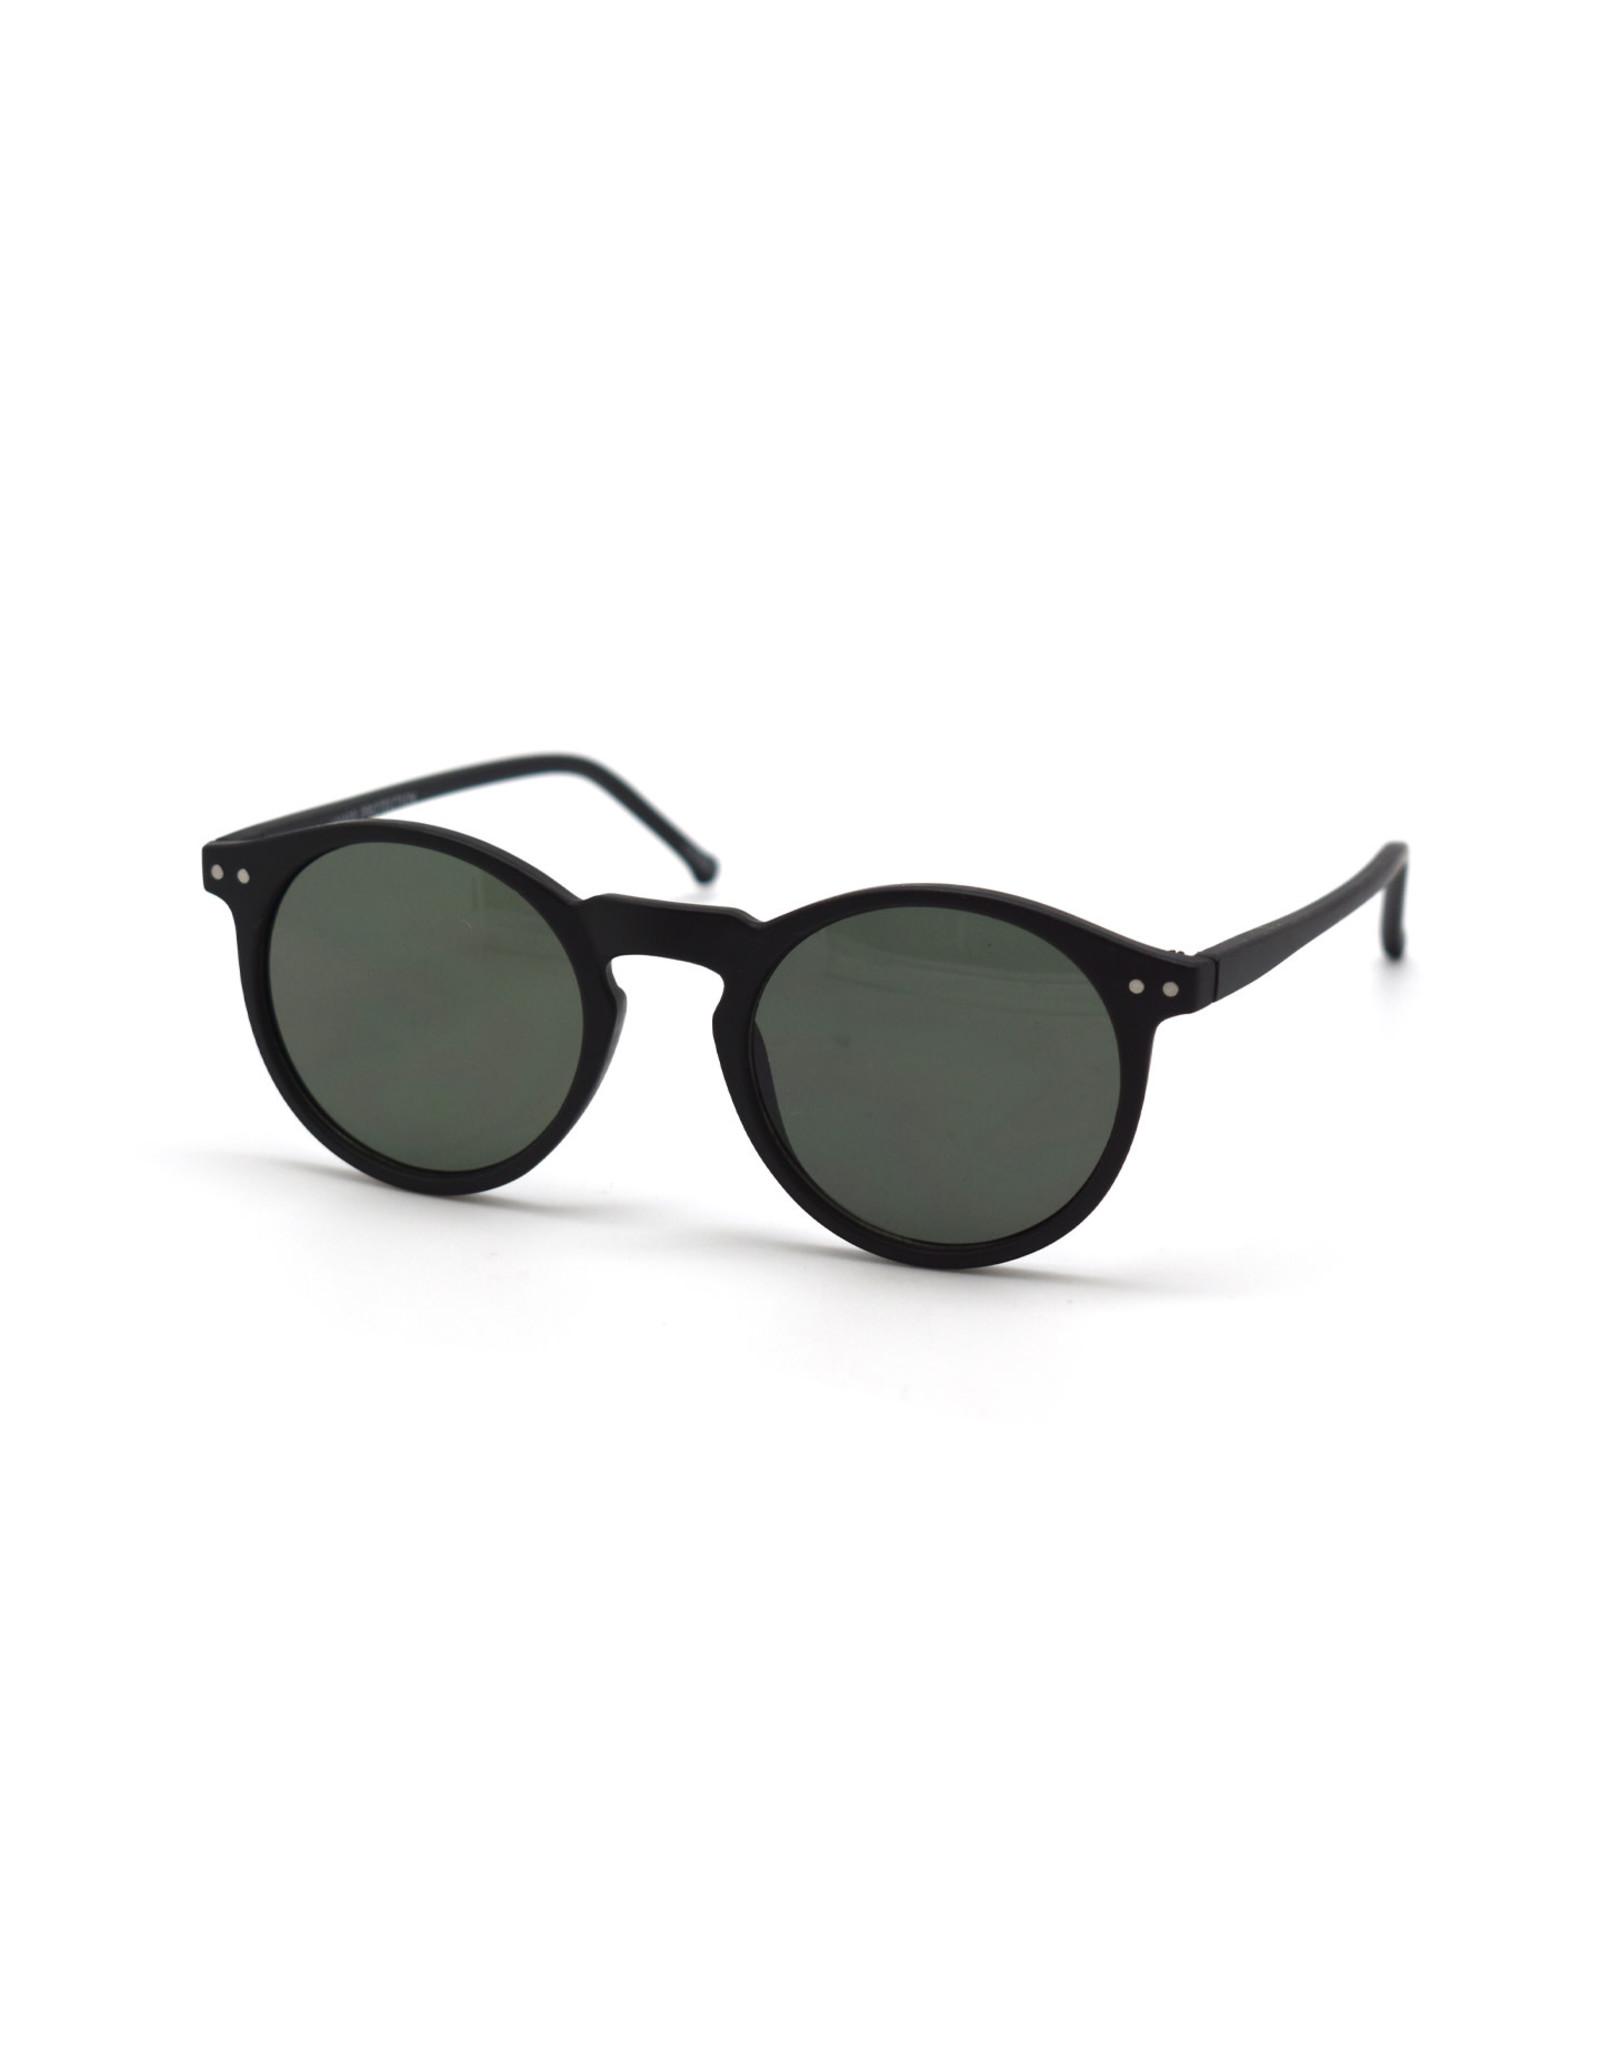 Perseus Sunglasses